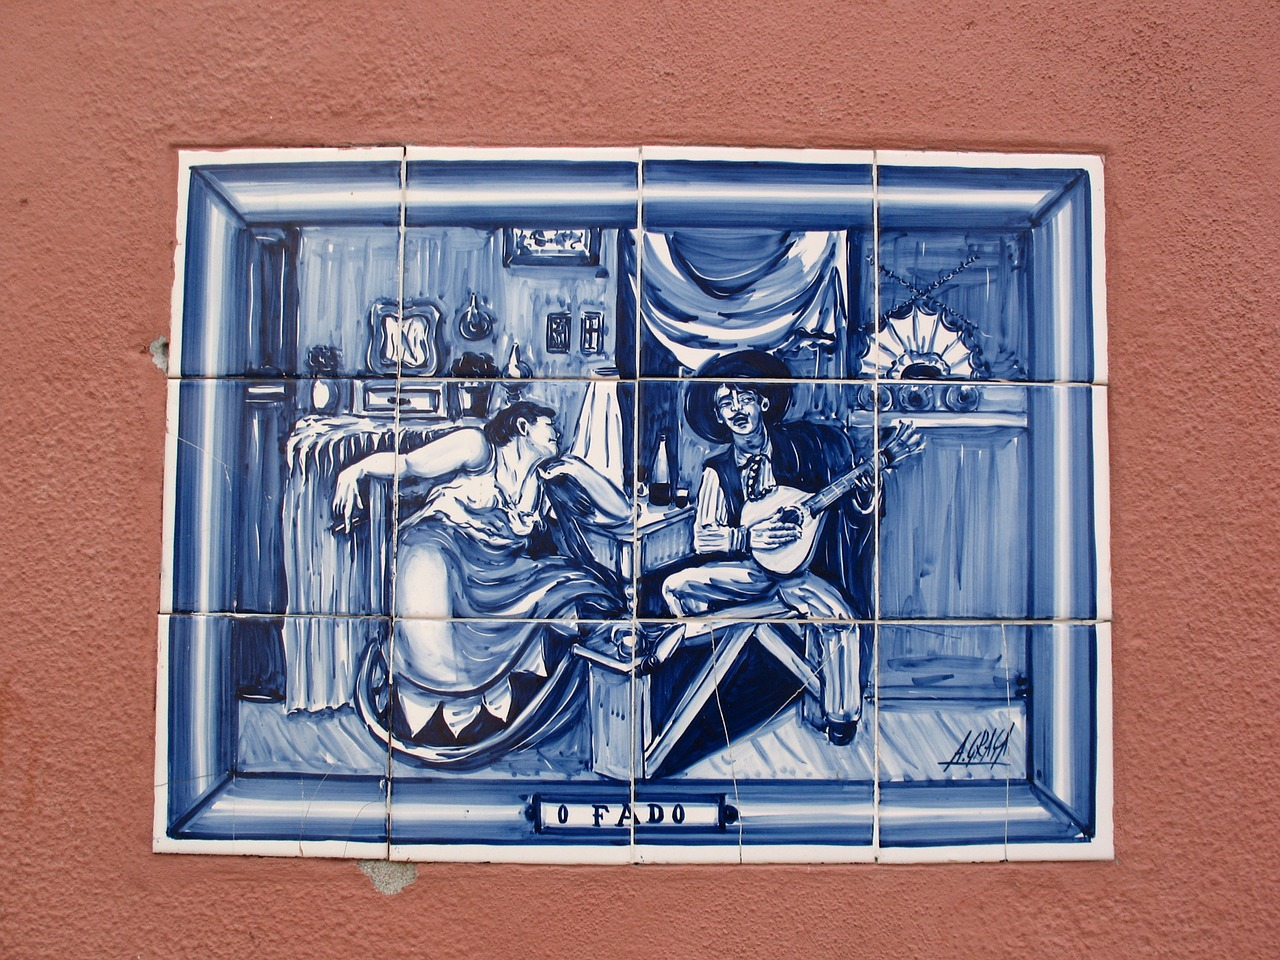 Cerâmica retrata fado em Portugal (Pixabay)